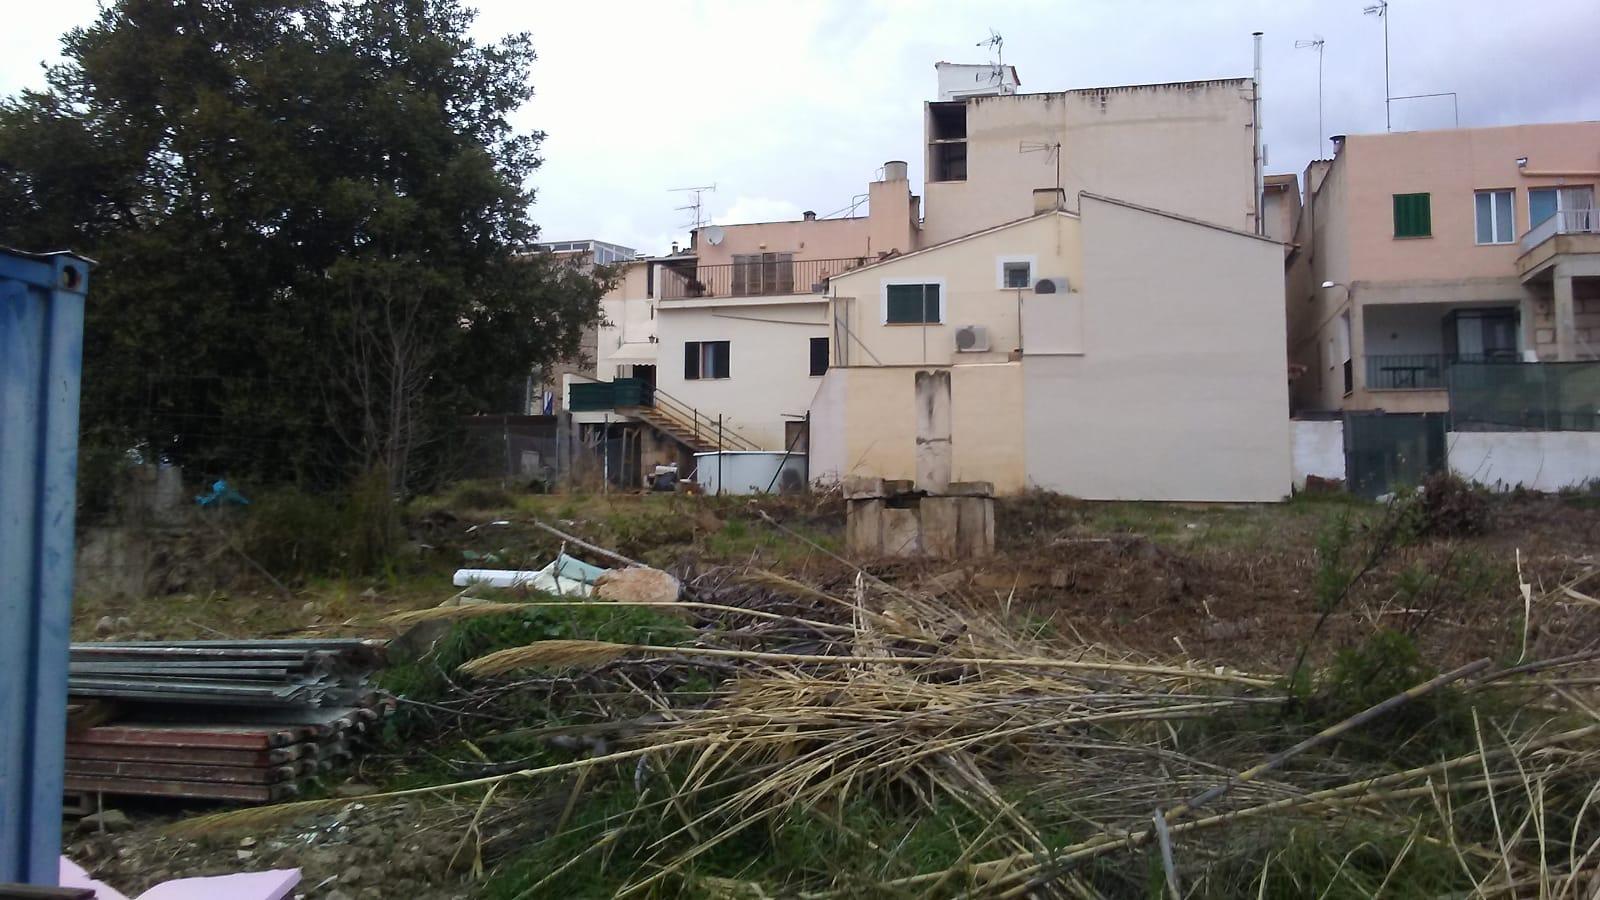 Solar urbà  Santa maria del camí - Lloseta. Solar edificable, suelo urbano. se pueden construir hasta cuatro